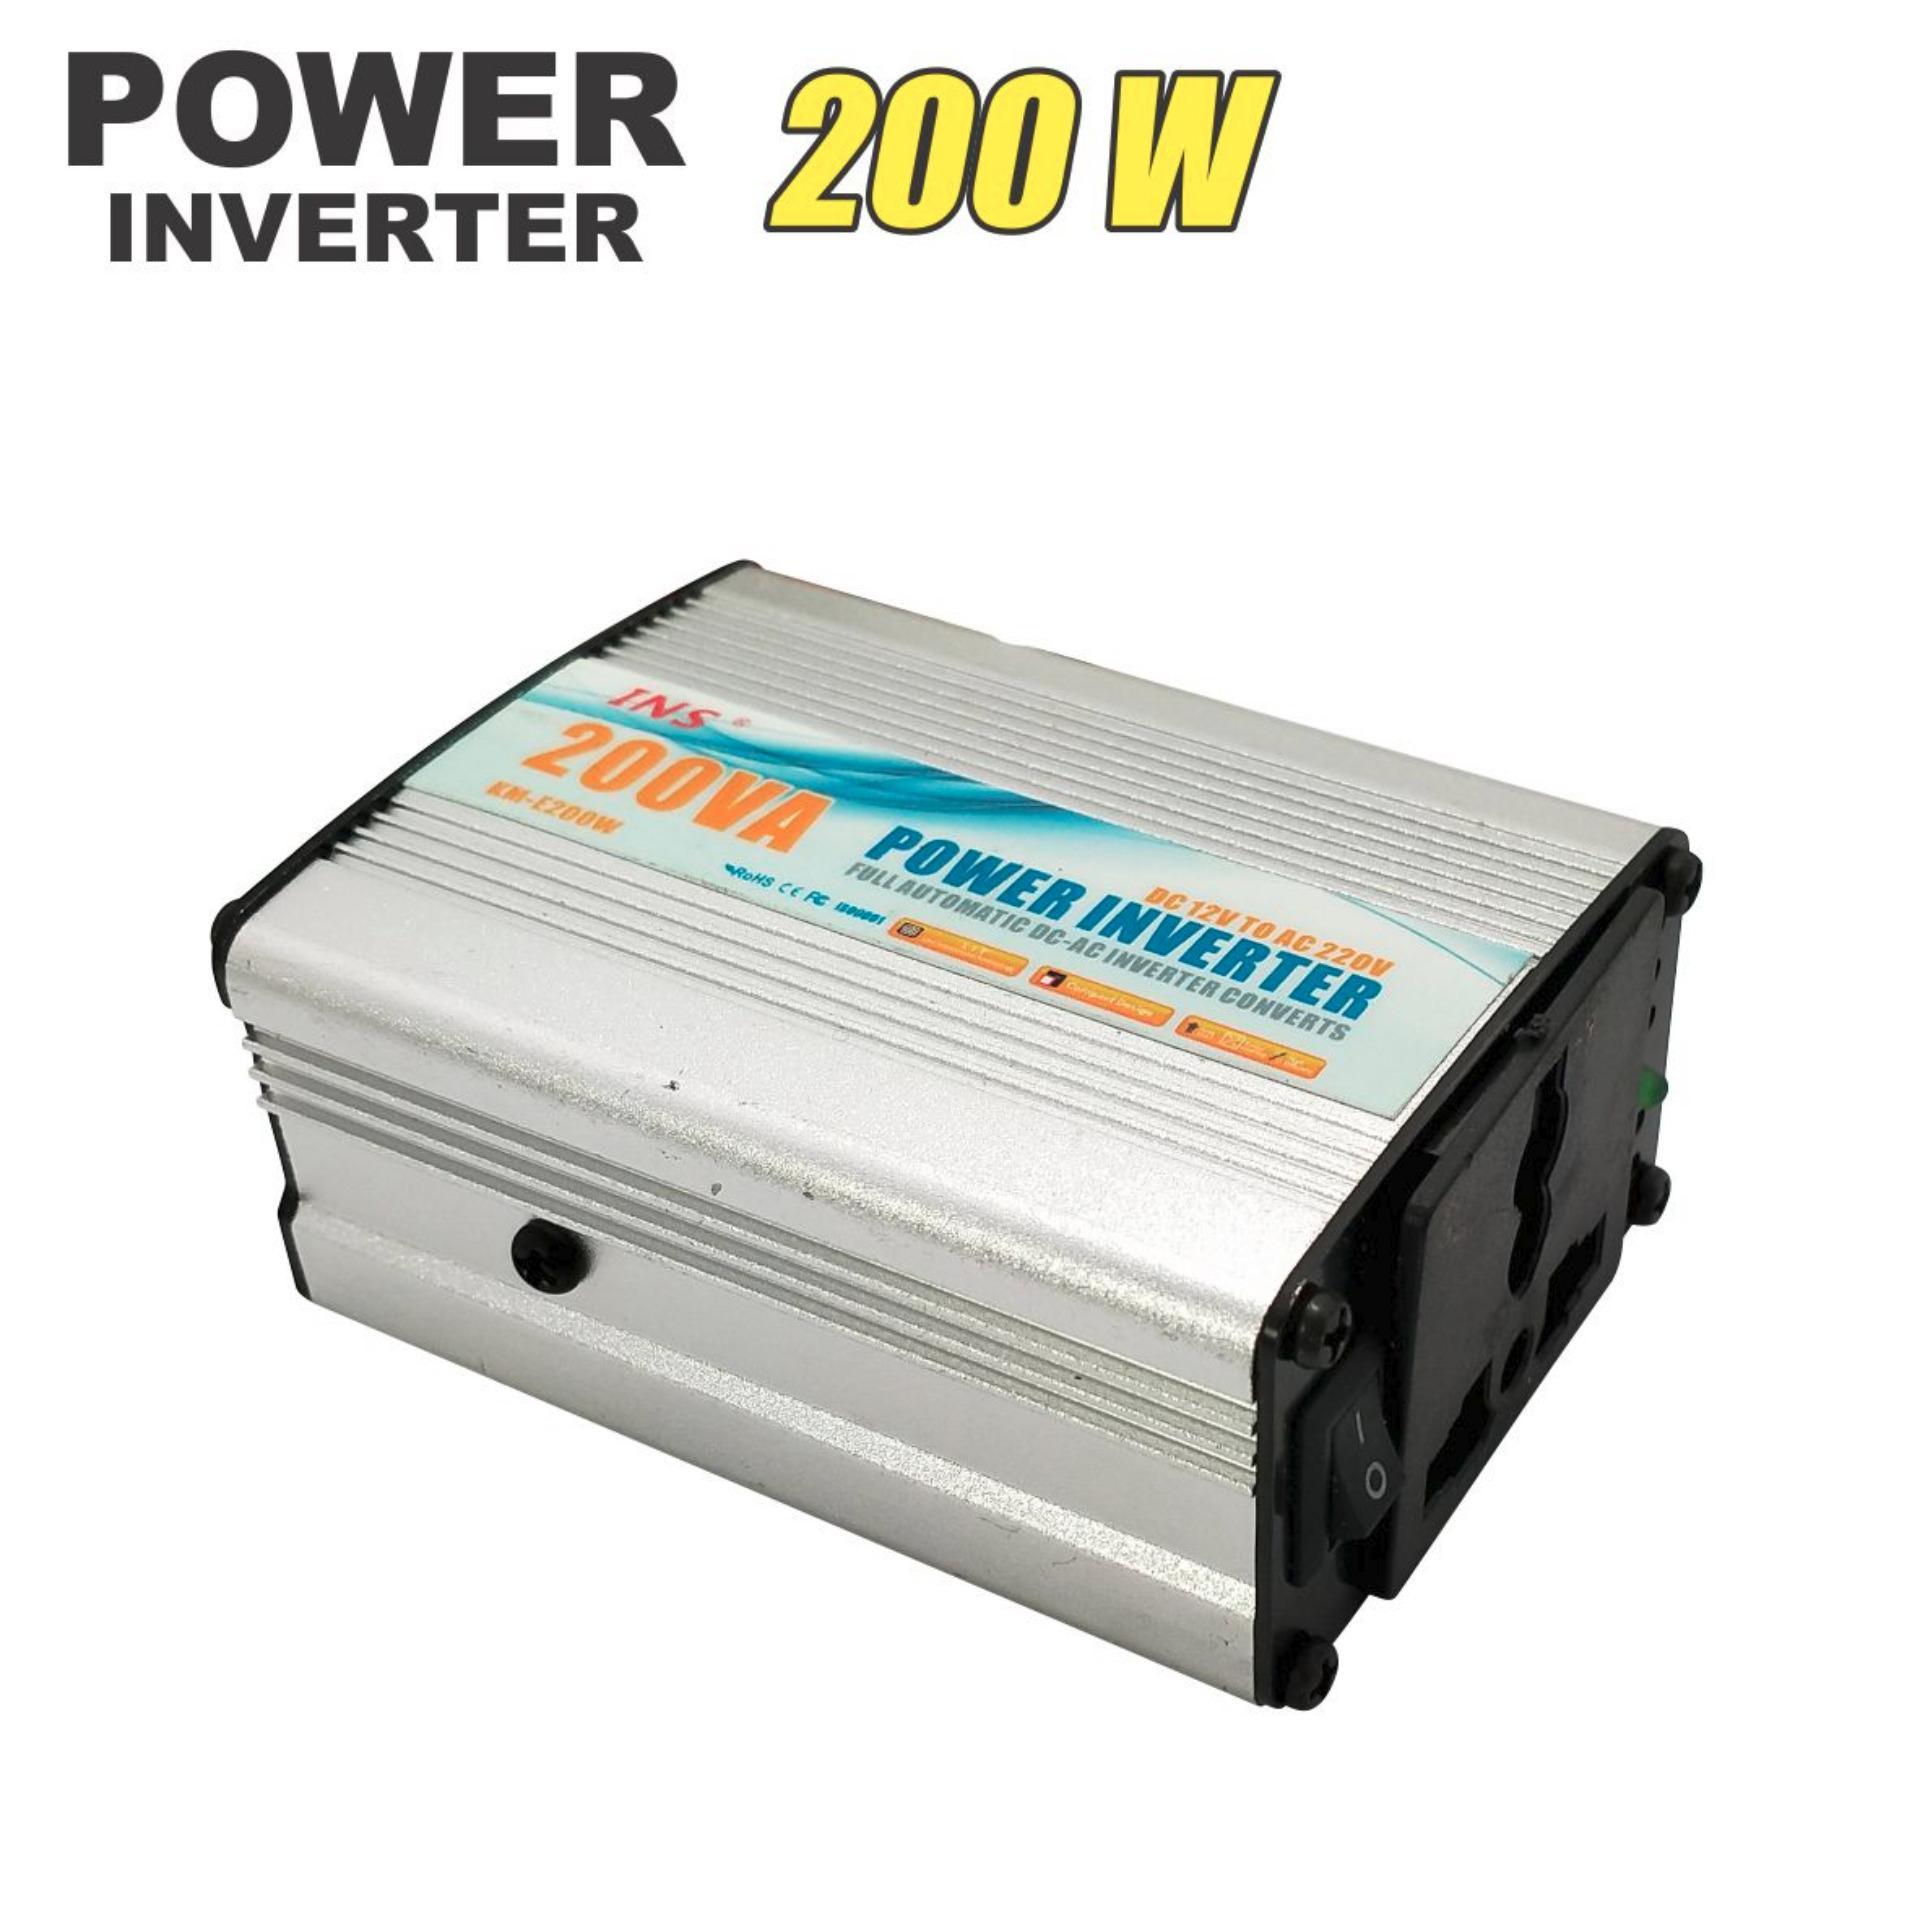 WEITECH Power Inverter 200 W Inverter Daya Puncak Port DC 12 V untuk 220 V AC Pengonversi Mobil-Intl